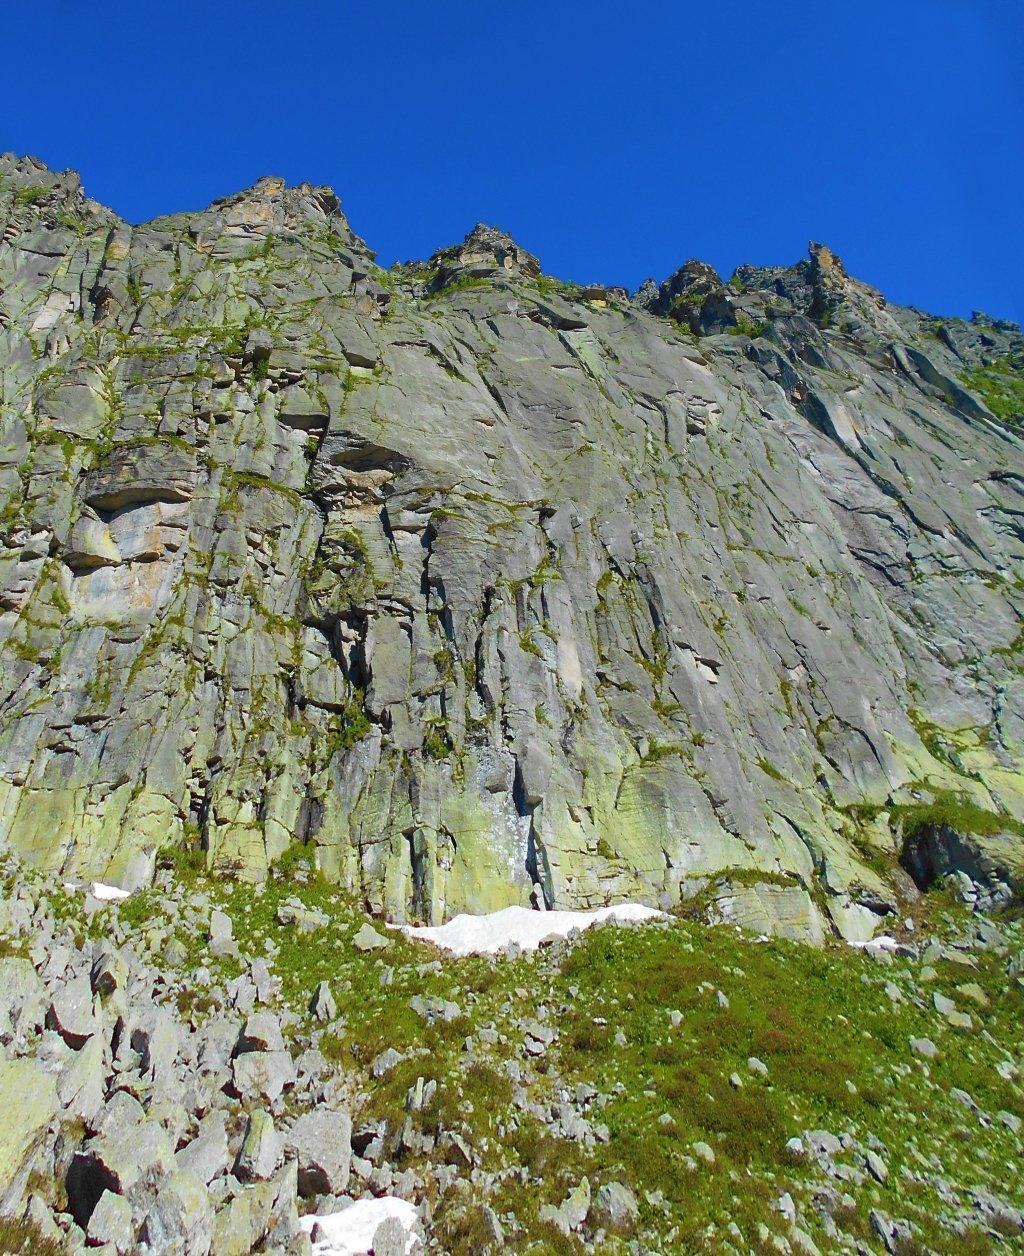 Paretone centrale di Punta Ostanetta dove sale -Passaggio a Nord Ovest- . Bellissima, la foto non rende l'idea della grandiosità di questa parete..